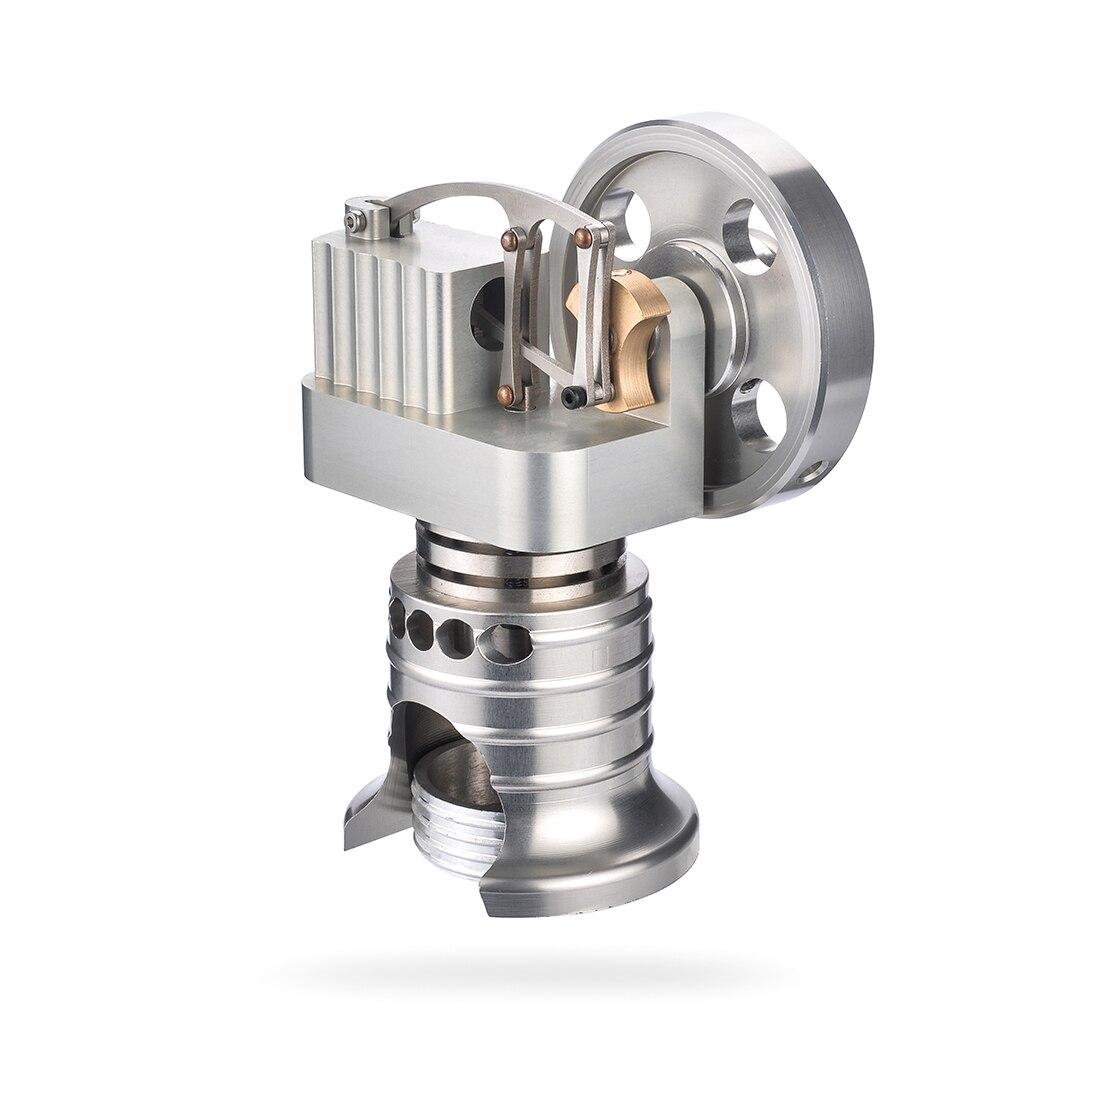 NFSTRIKE Corredi di Costruzione di Modello di Tipo Verticale In Metallo Motore Stirling Motor con Alcool Bruciatore di Bambini in Anticipo di Sviluppo Giocattoli Vendita Calda